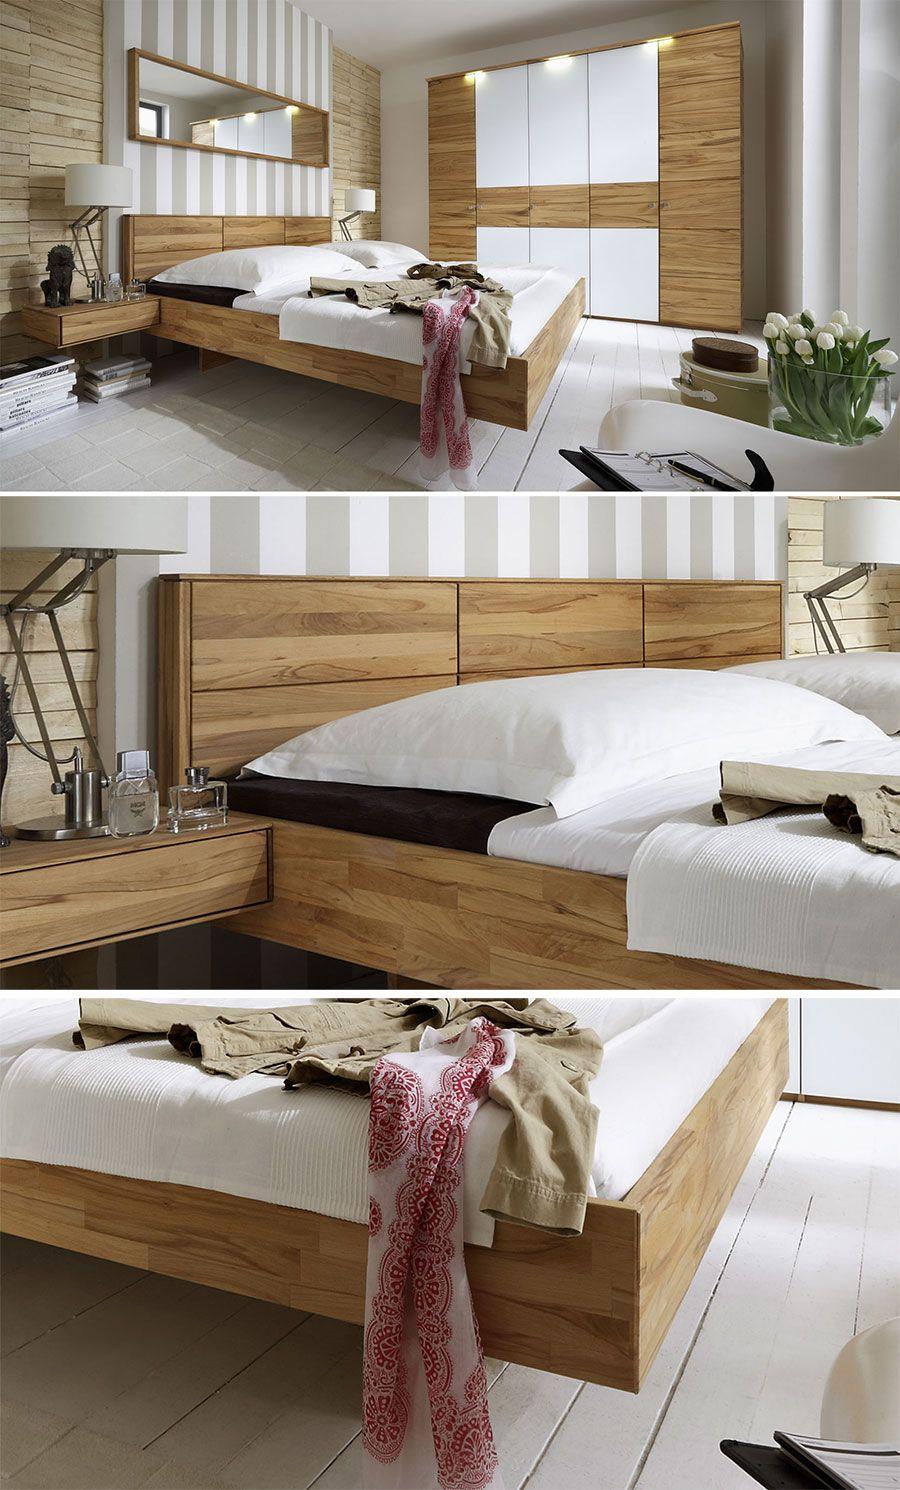 Komplettes Schlafzimmer In Einem Look Gestalten. Massivholzmöbel ... Schlafzimmer Gestalten Modern